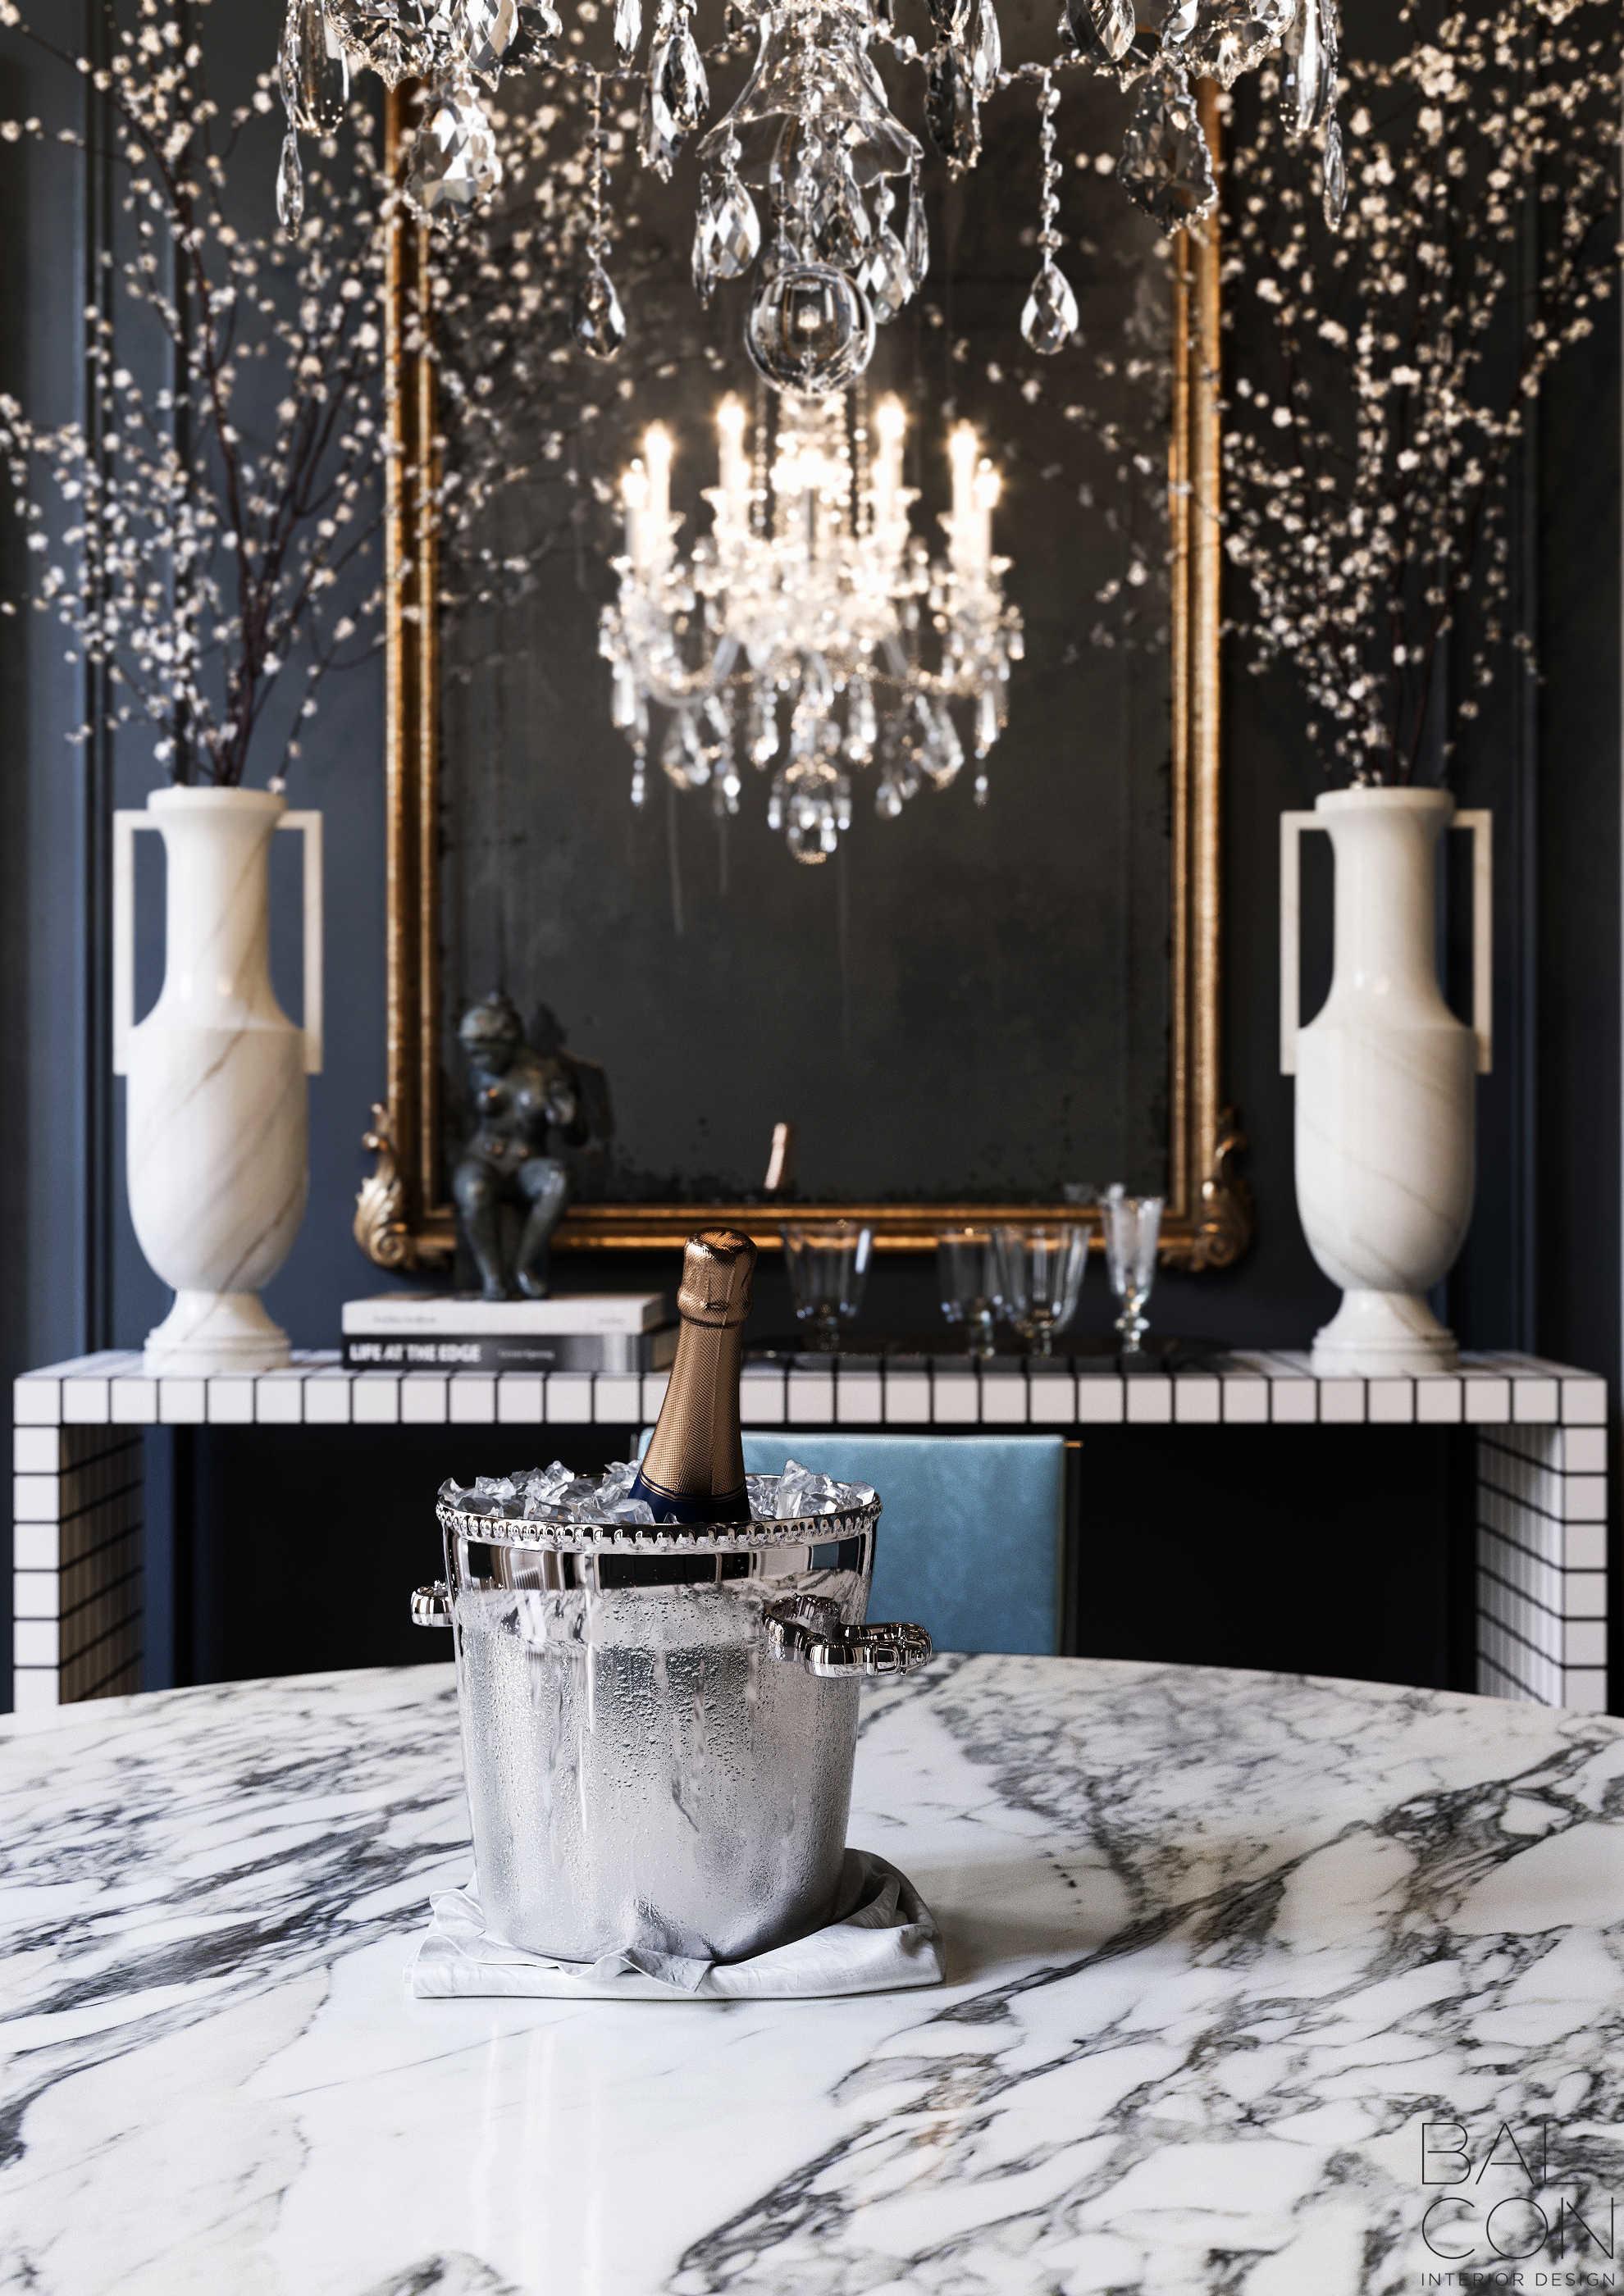 Парижский шарм московской квартиры: стильный интерьер с винтажными мотивами